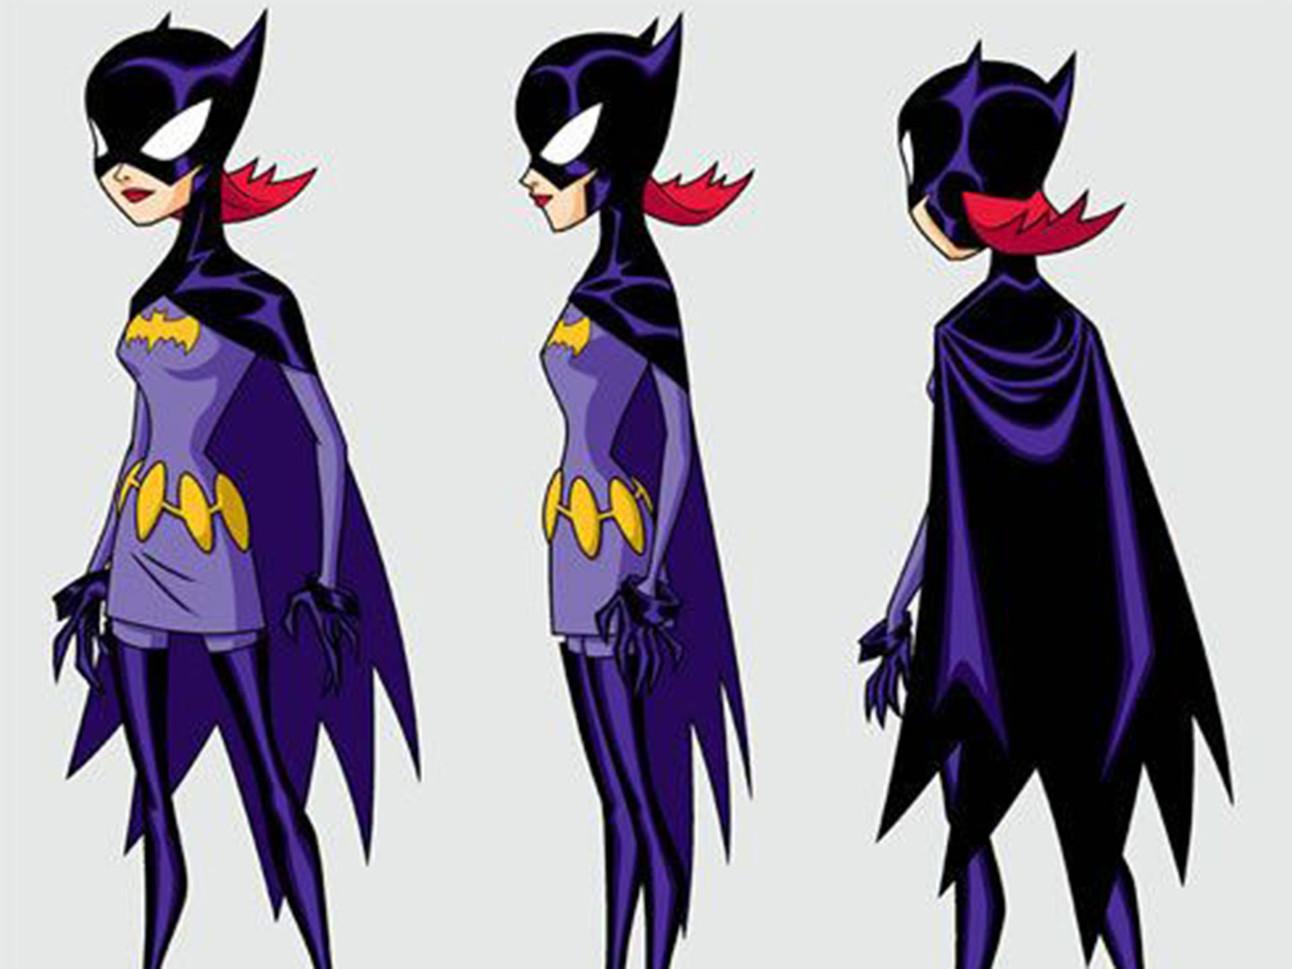 BatgirlFromBatman.jpg